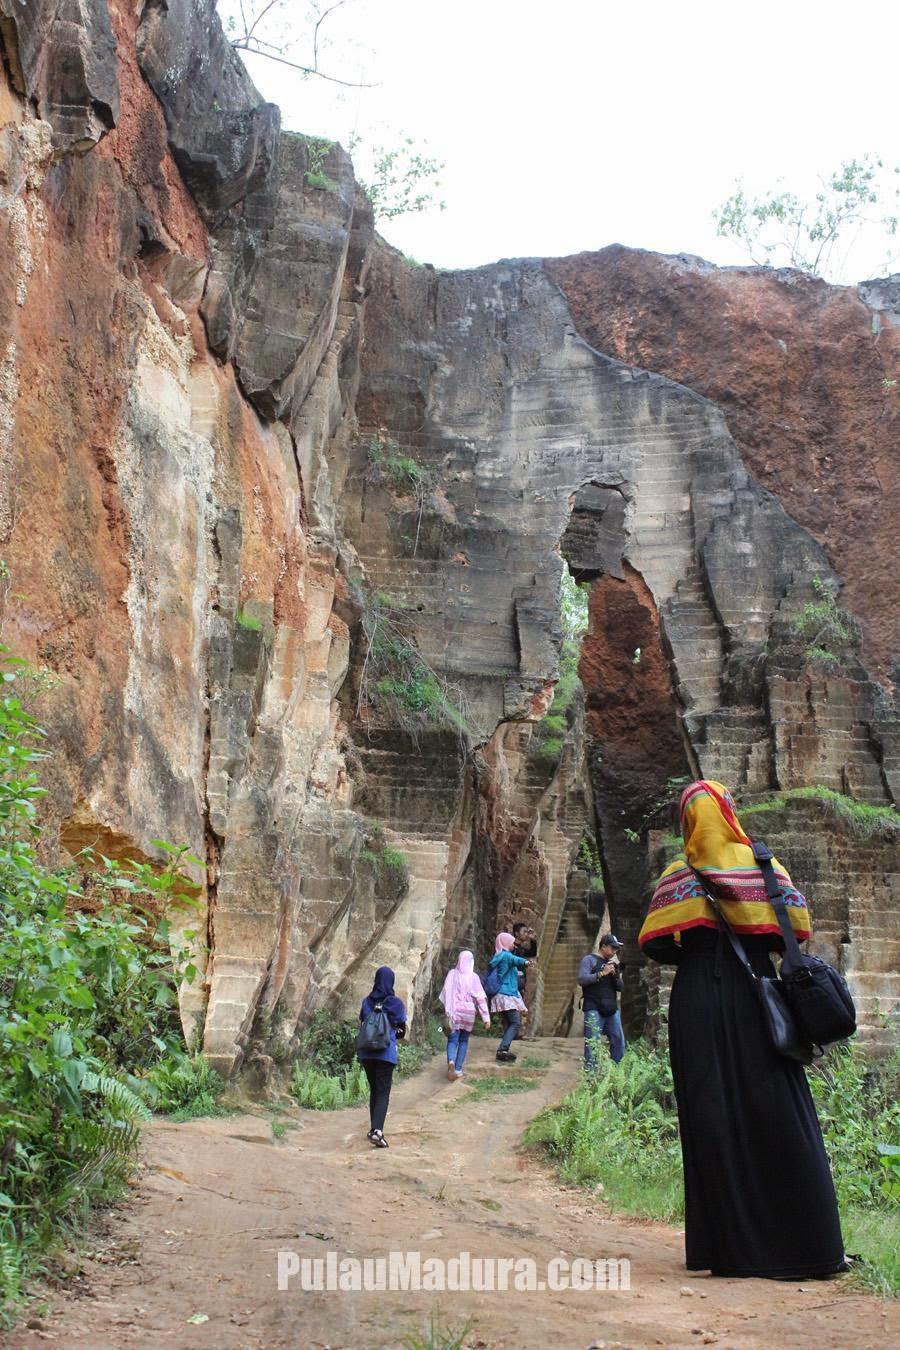 Obyek Wisata Alam Batu Kapur Arosbaya Bangkalan - Madura - Jawa Timur